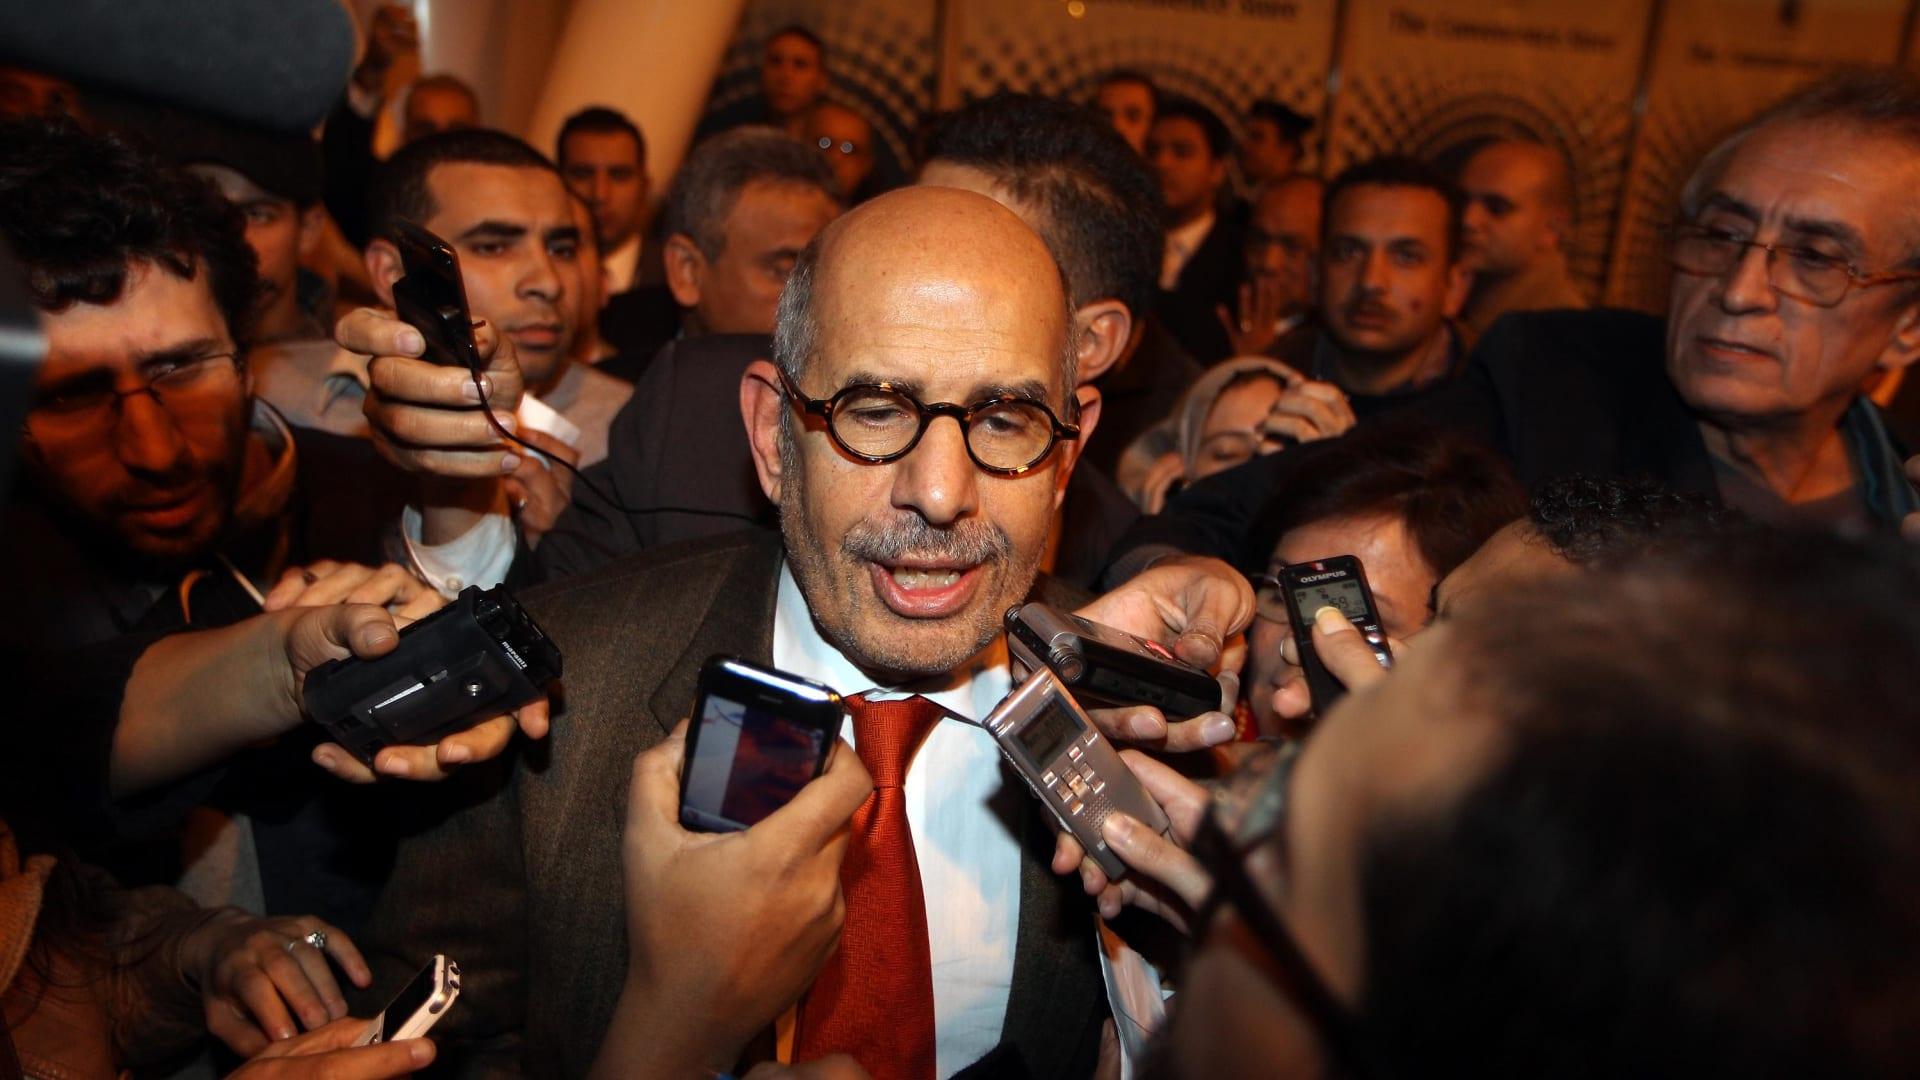 البرادعي عن التعديلات الدستورية في مصر: باطلة.. ويوضح السبب